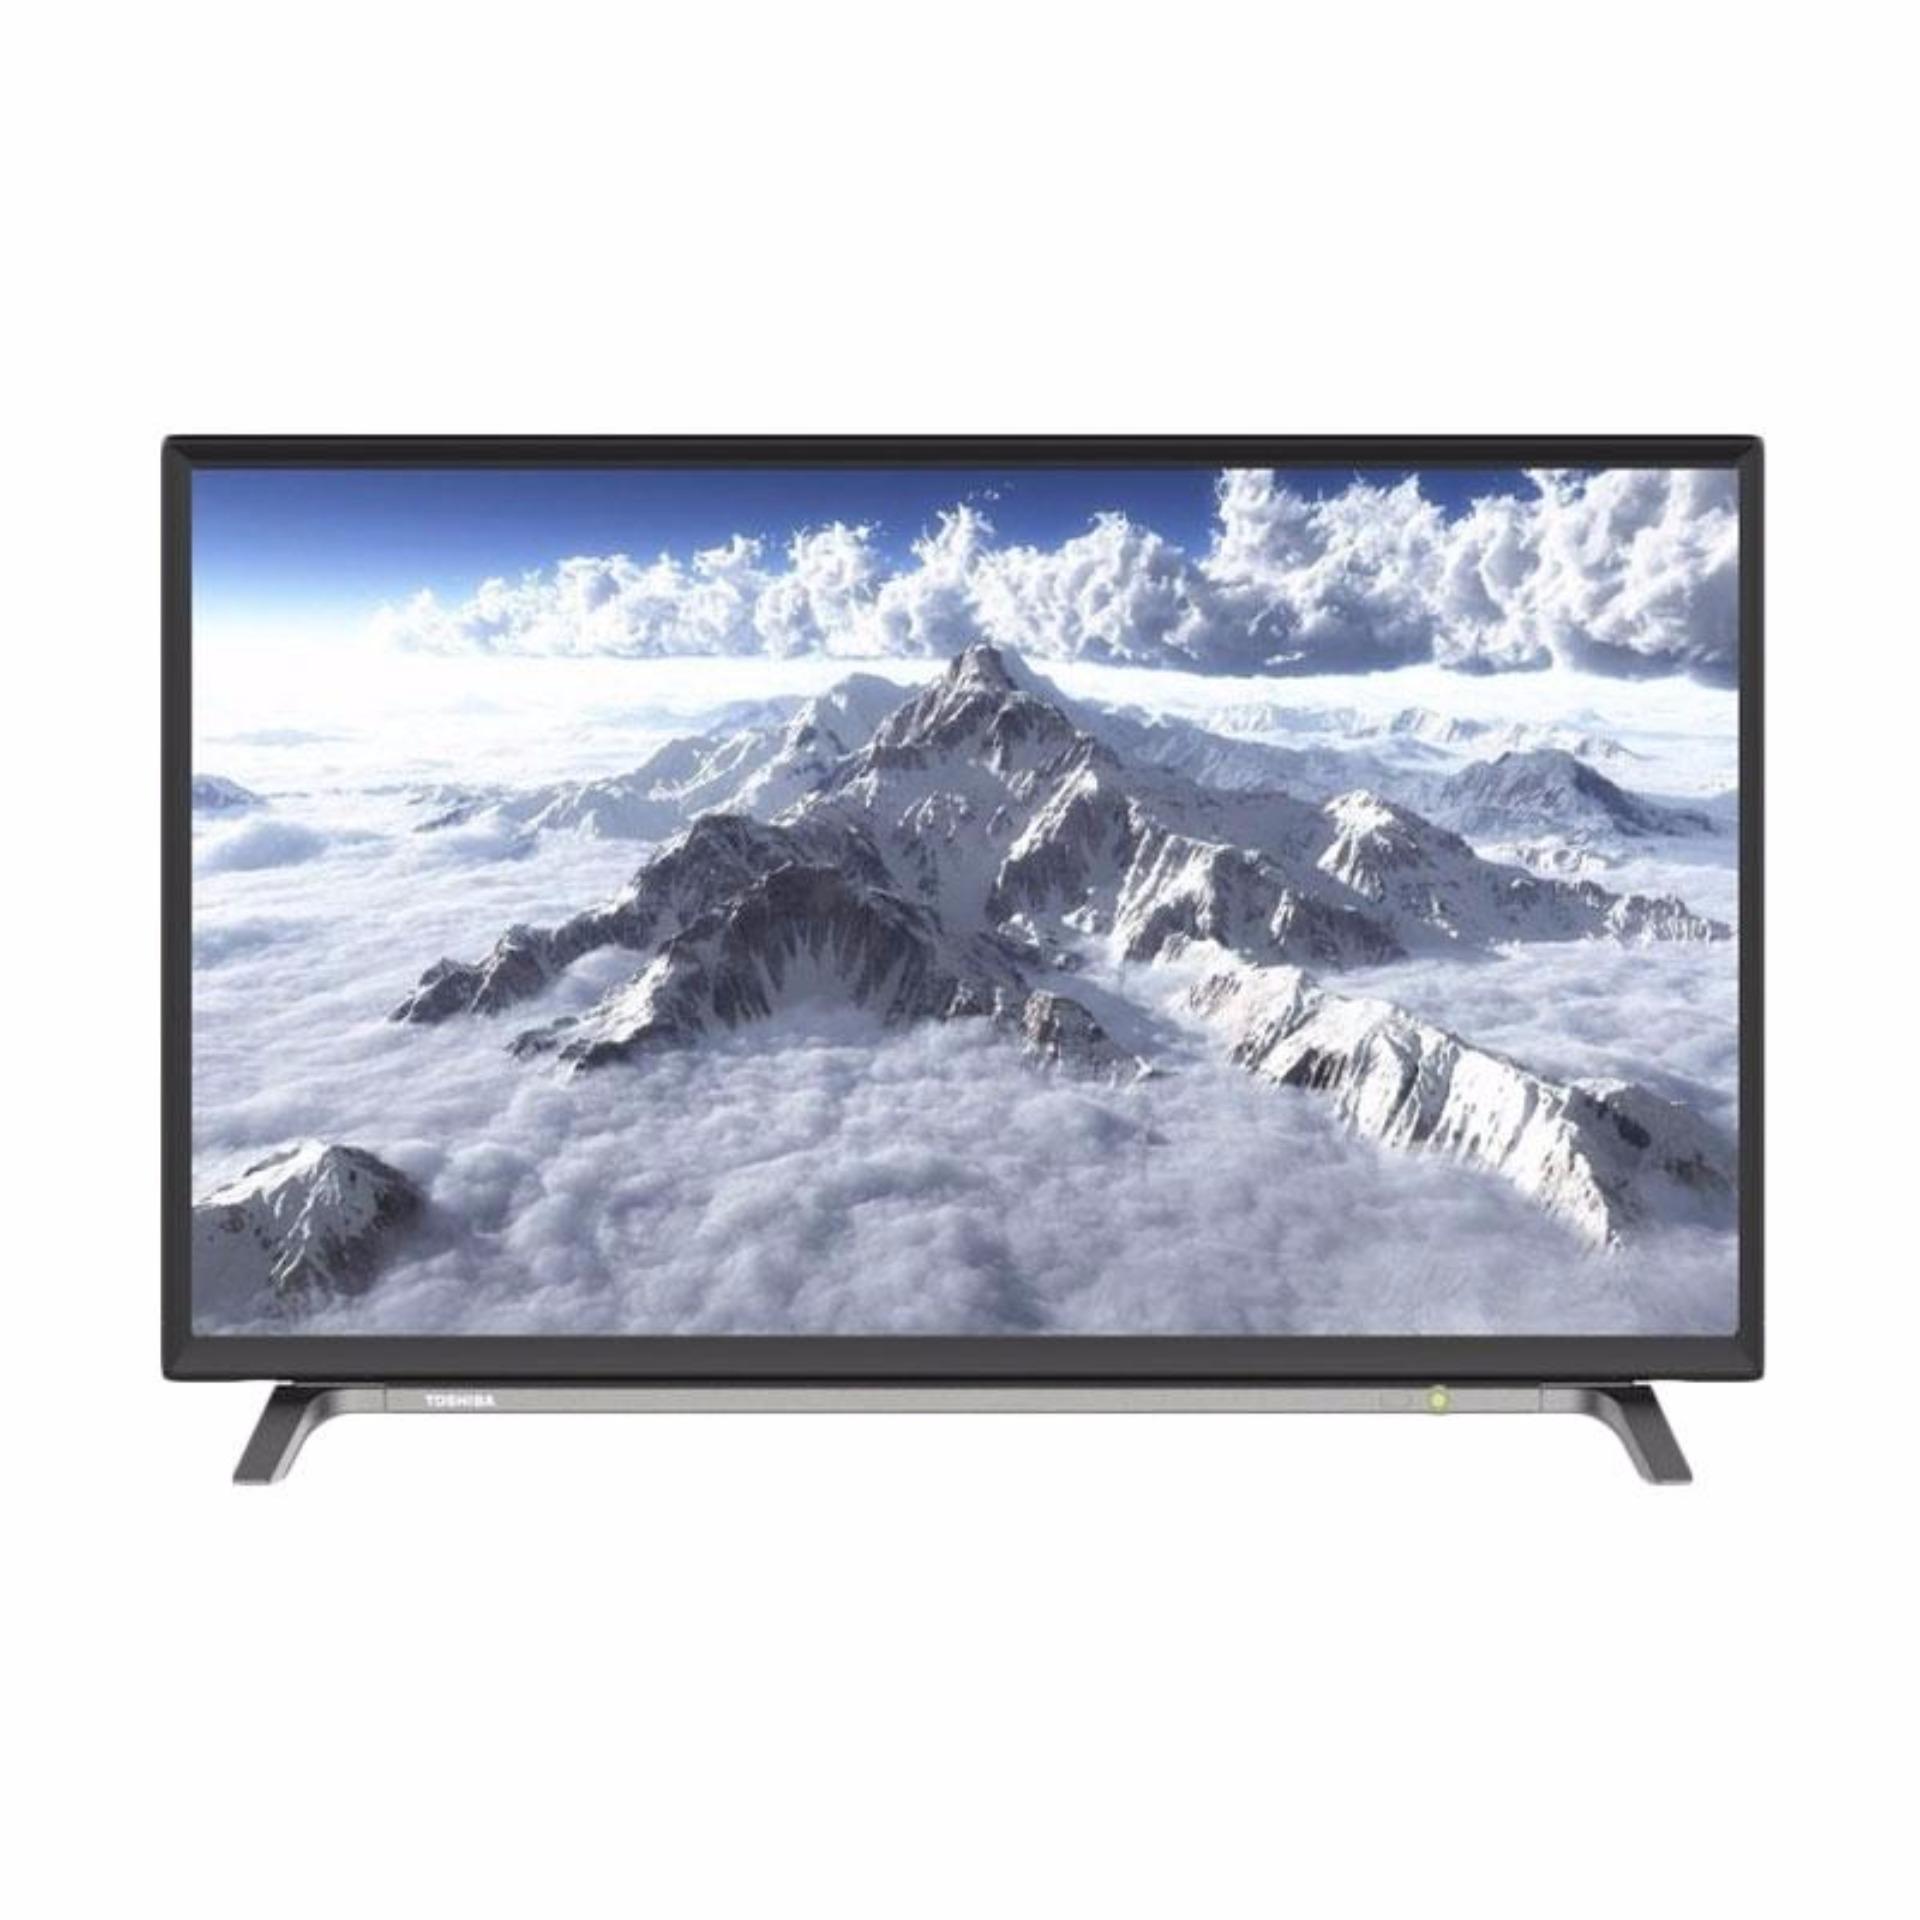 Toshiba 24L2600VJ LED TV - Hitam USB MOVIE [24 Inch]